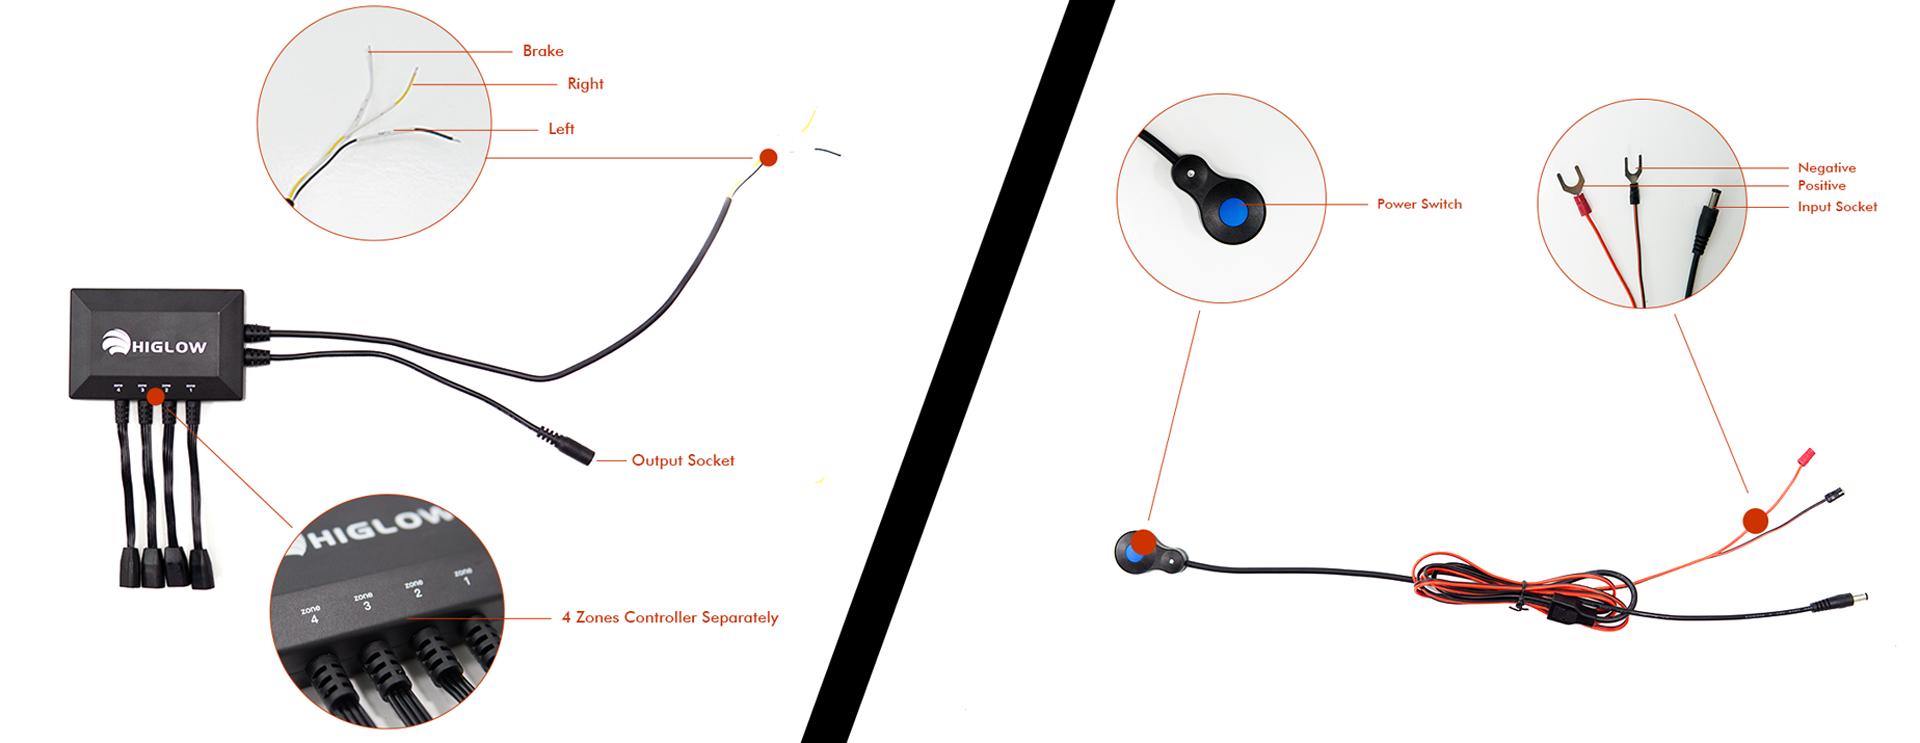 Higlow 4 zones controller details